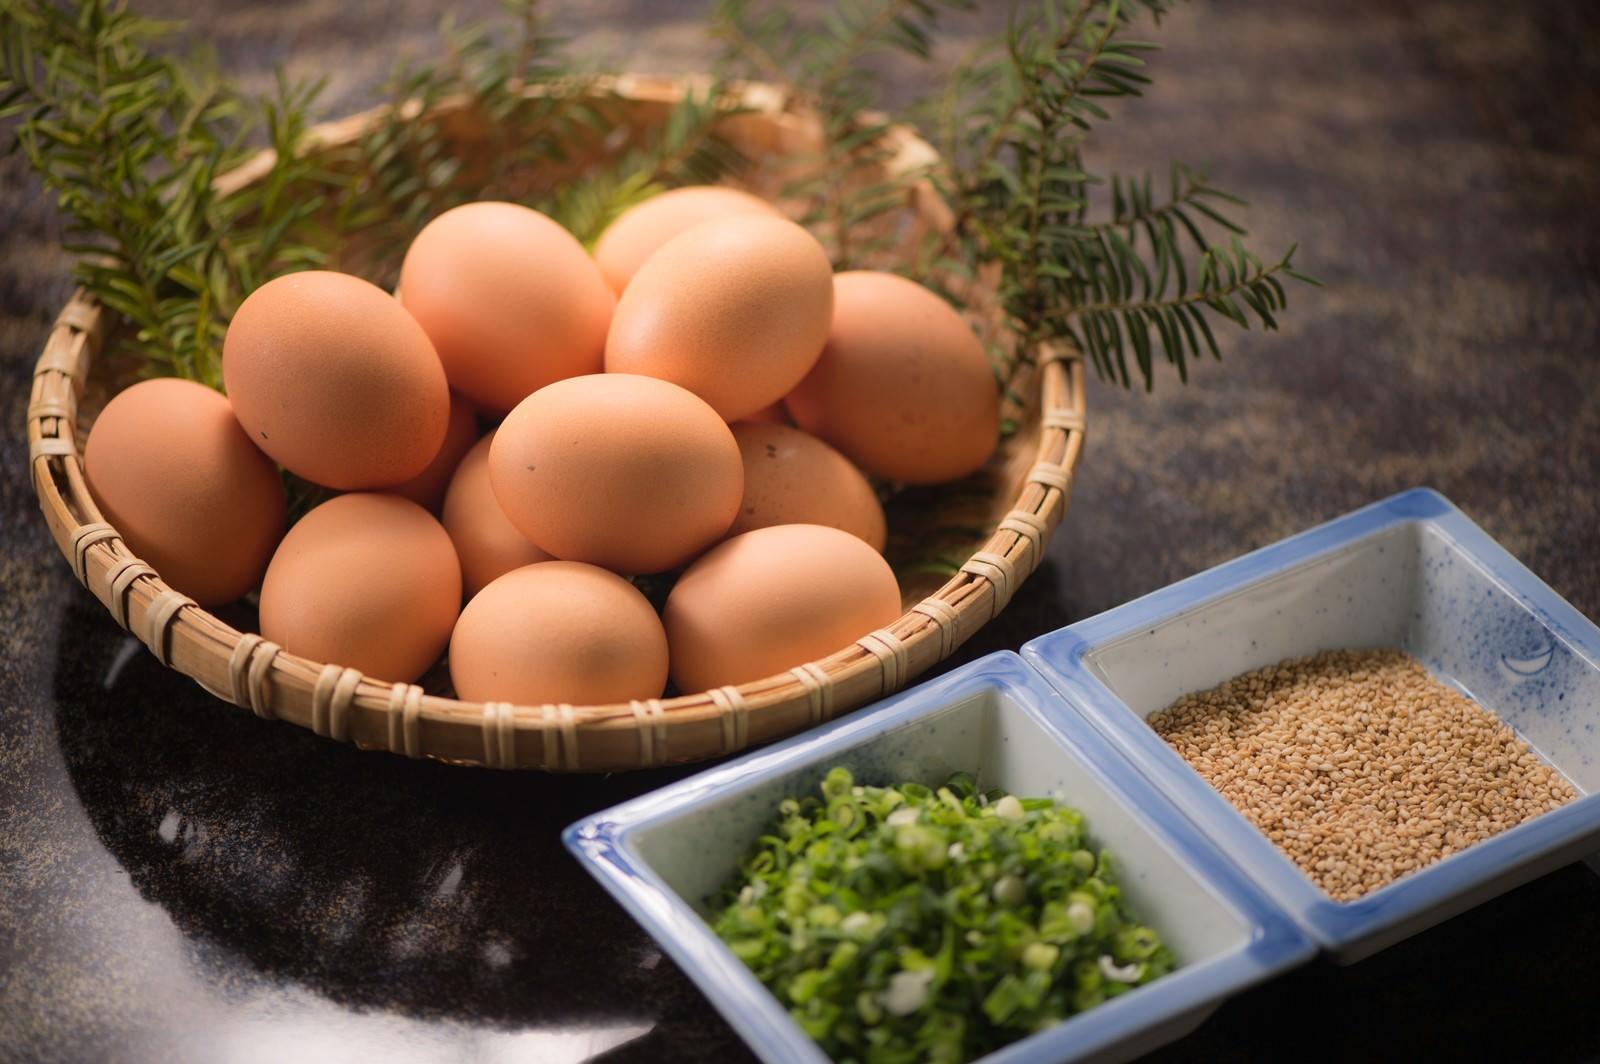 「TKG用の卵と薬味のネギとゴマ | 写真の無料素材・フリー素材 - ぱくたそ」の写真